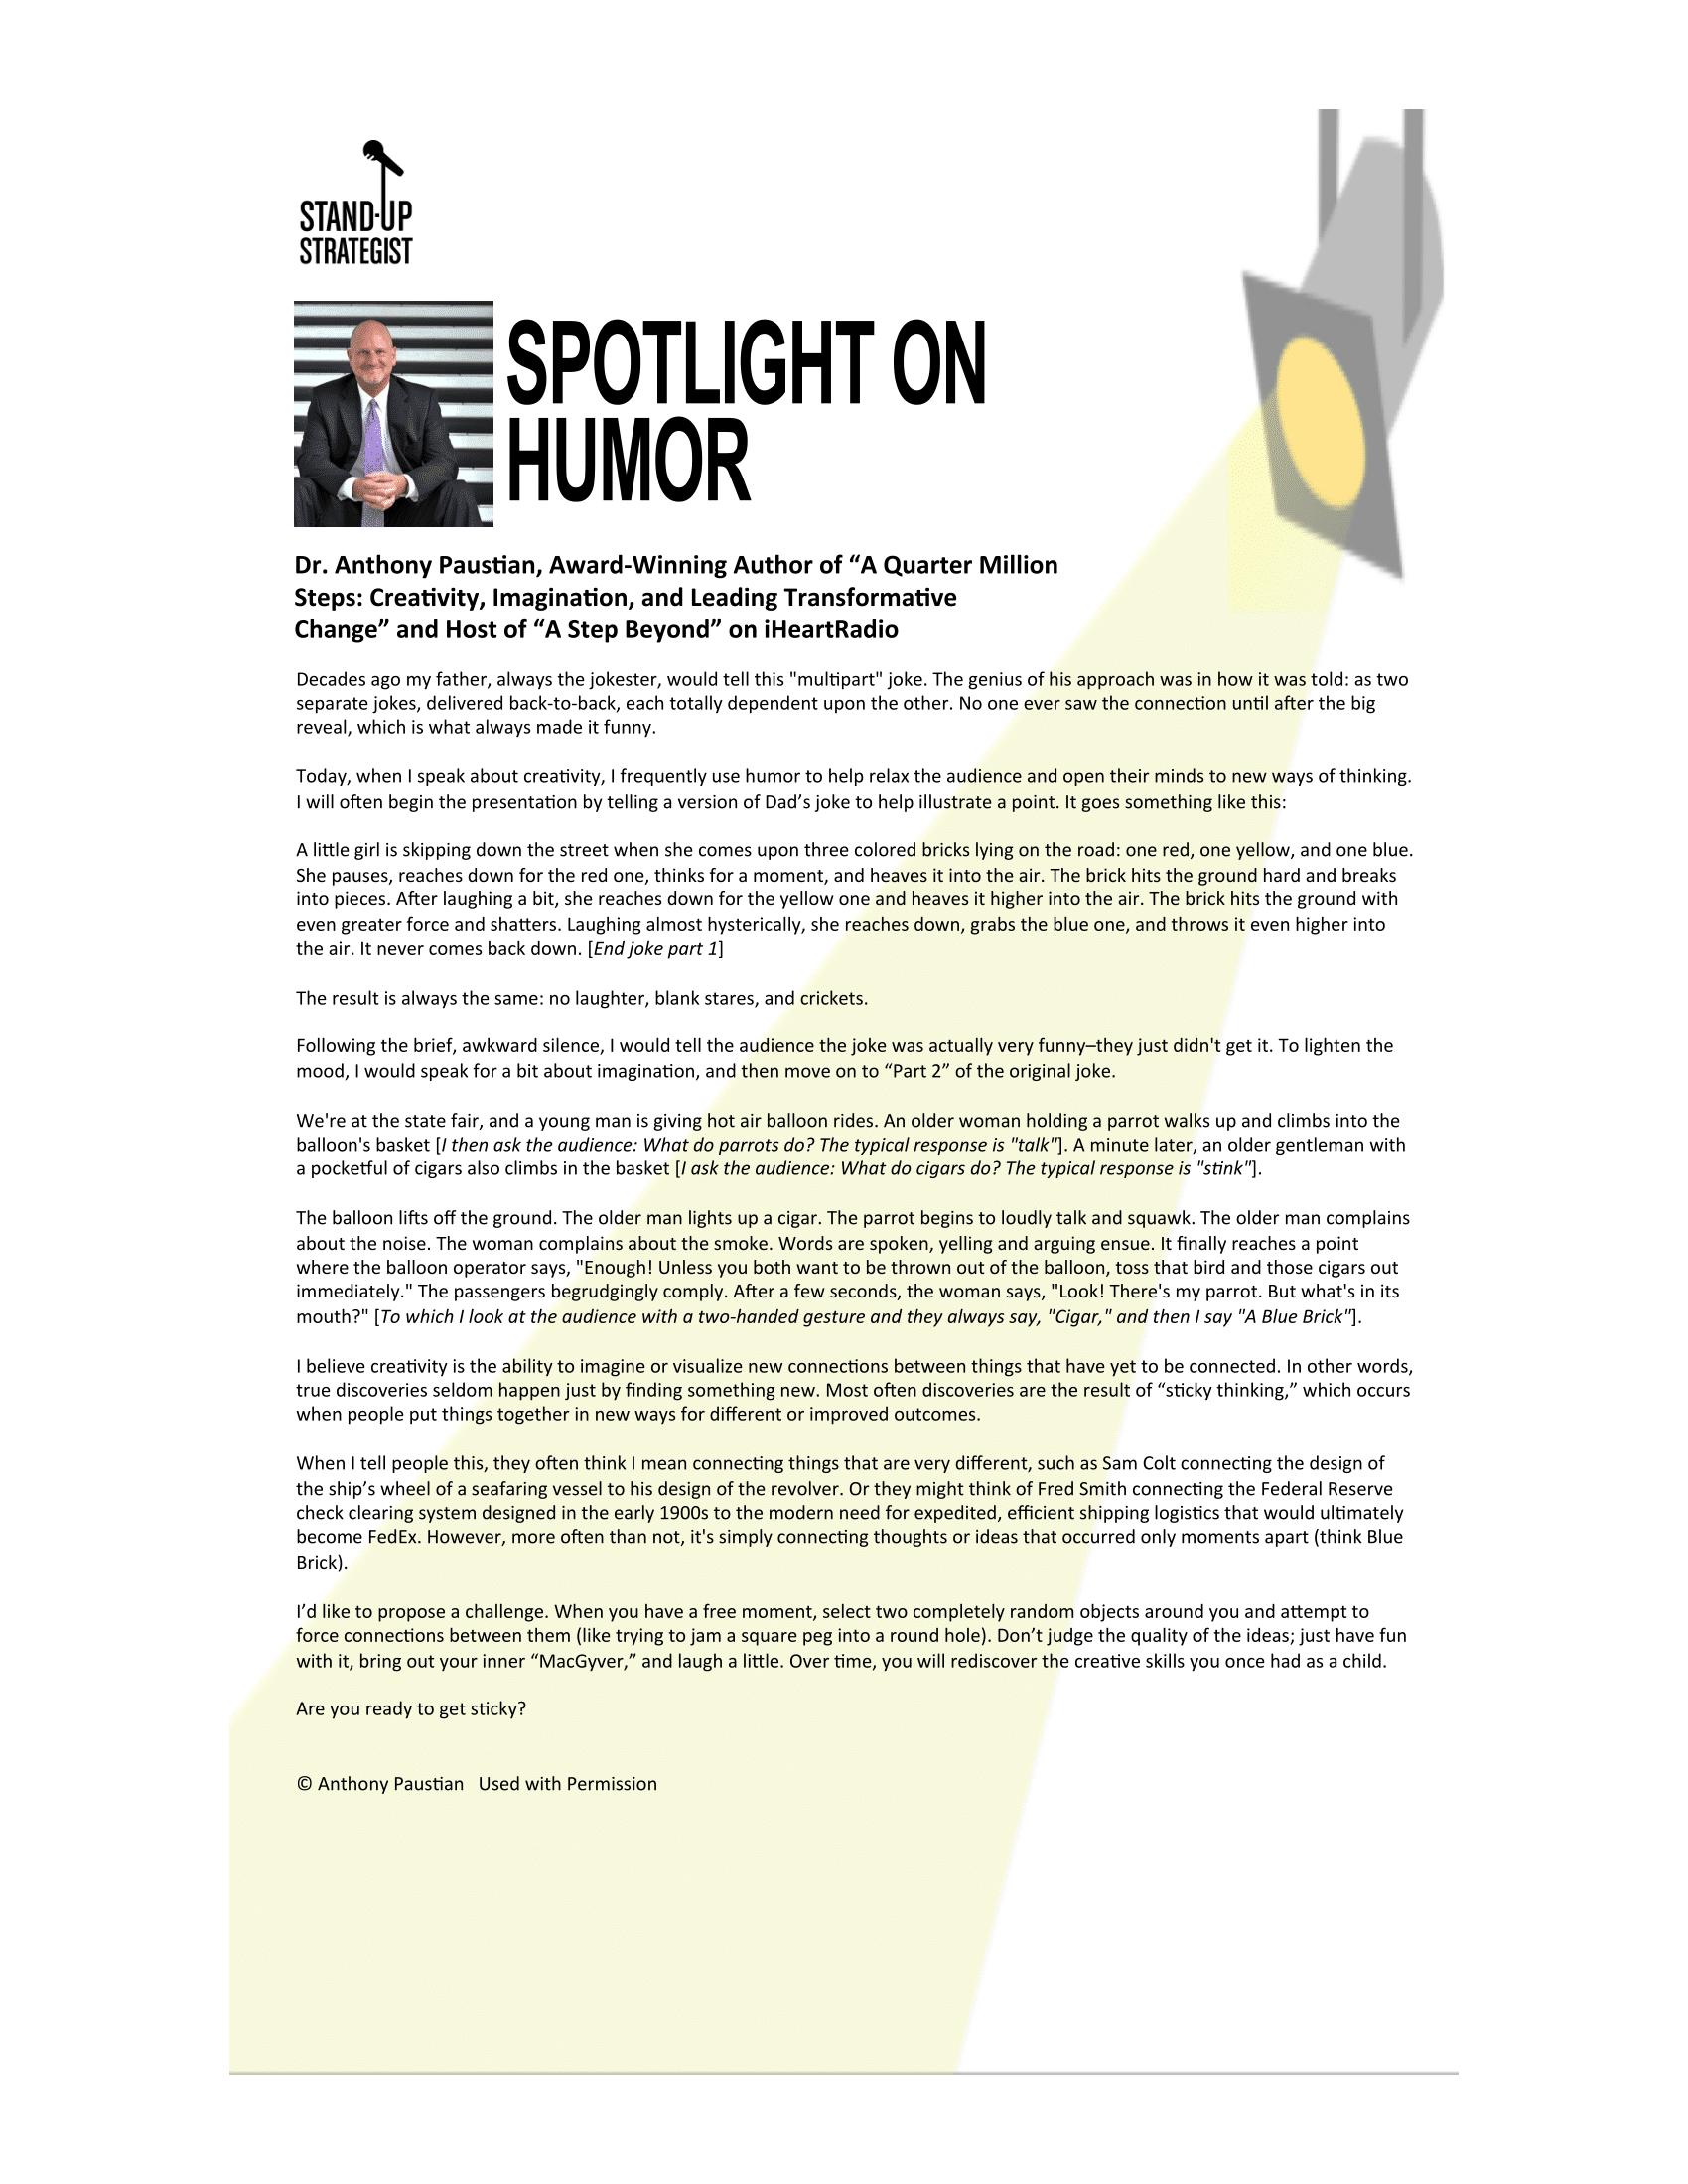 Dr. Anthony Paustian | Spotlight on Humor